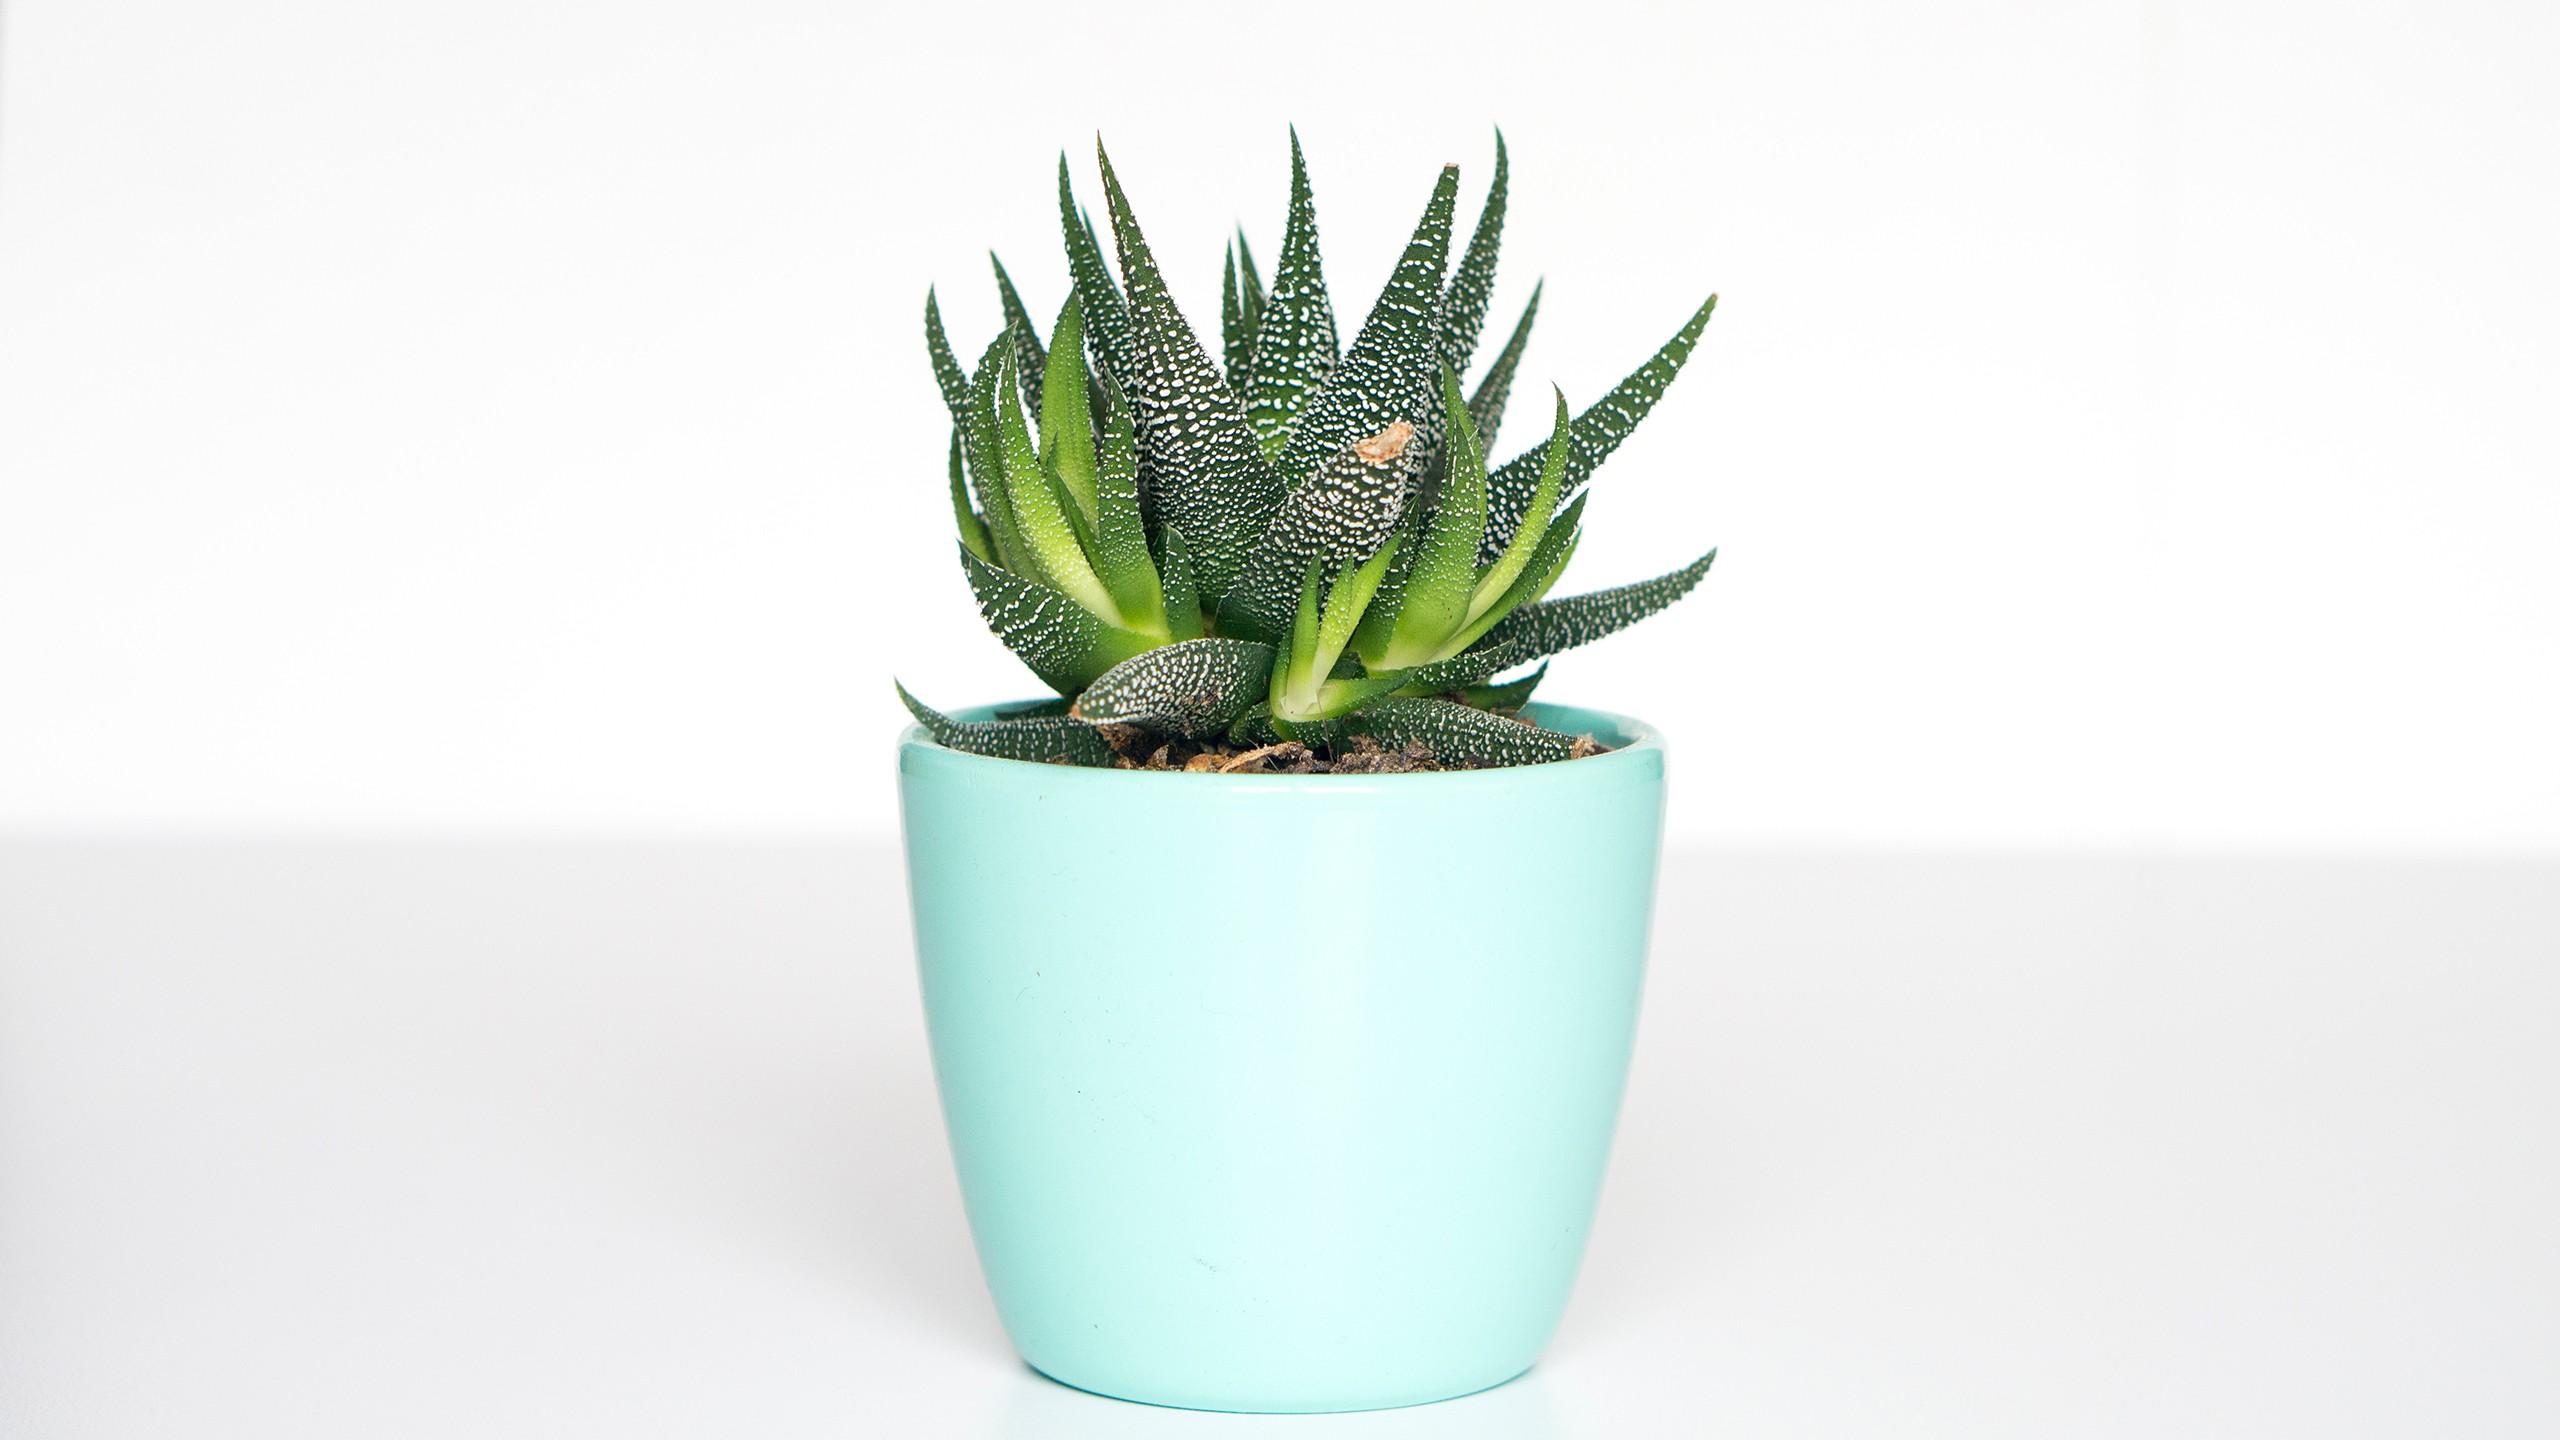 fond d 39 cran les plantes la photographie fond blanc. Black Bedroom Furniture Sets. Home Design Ideas